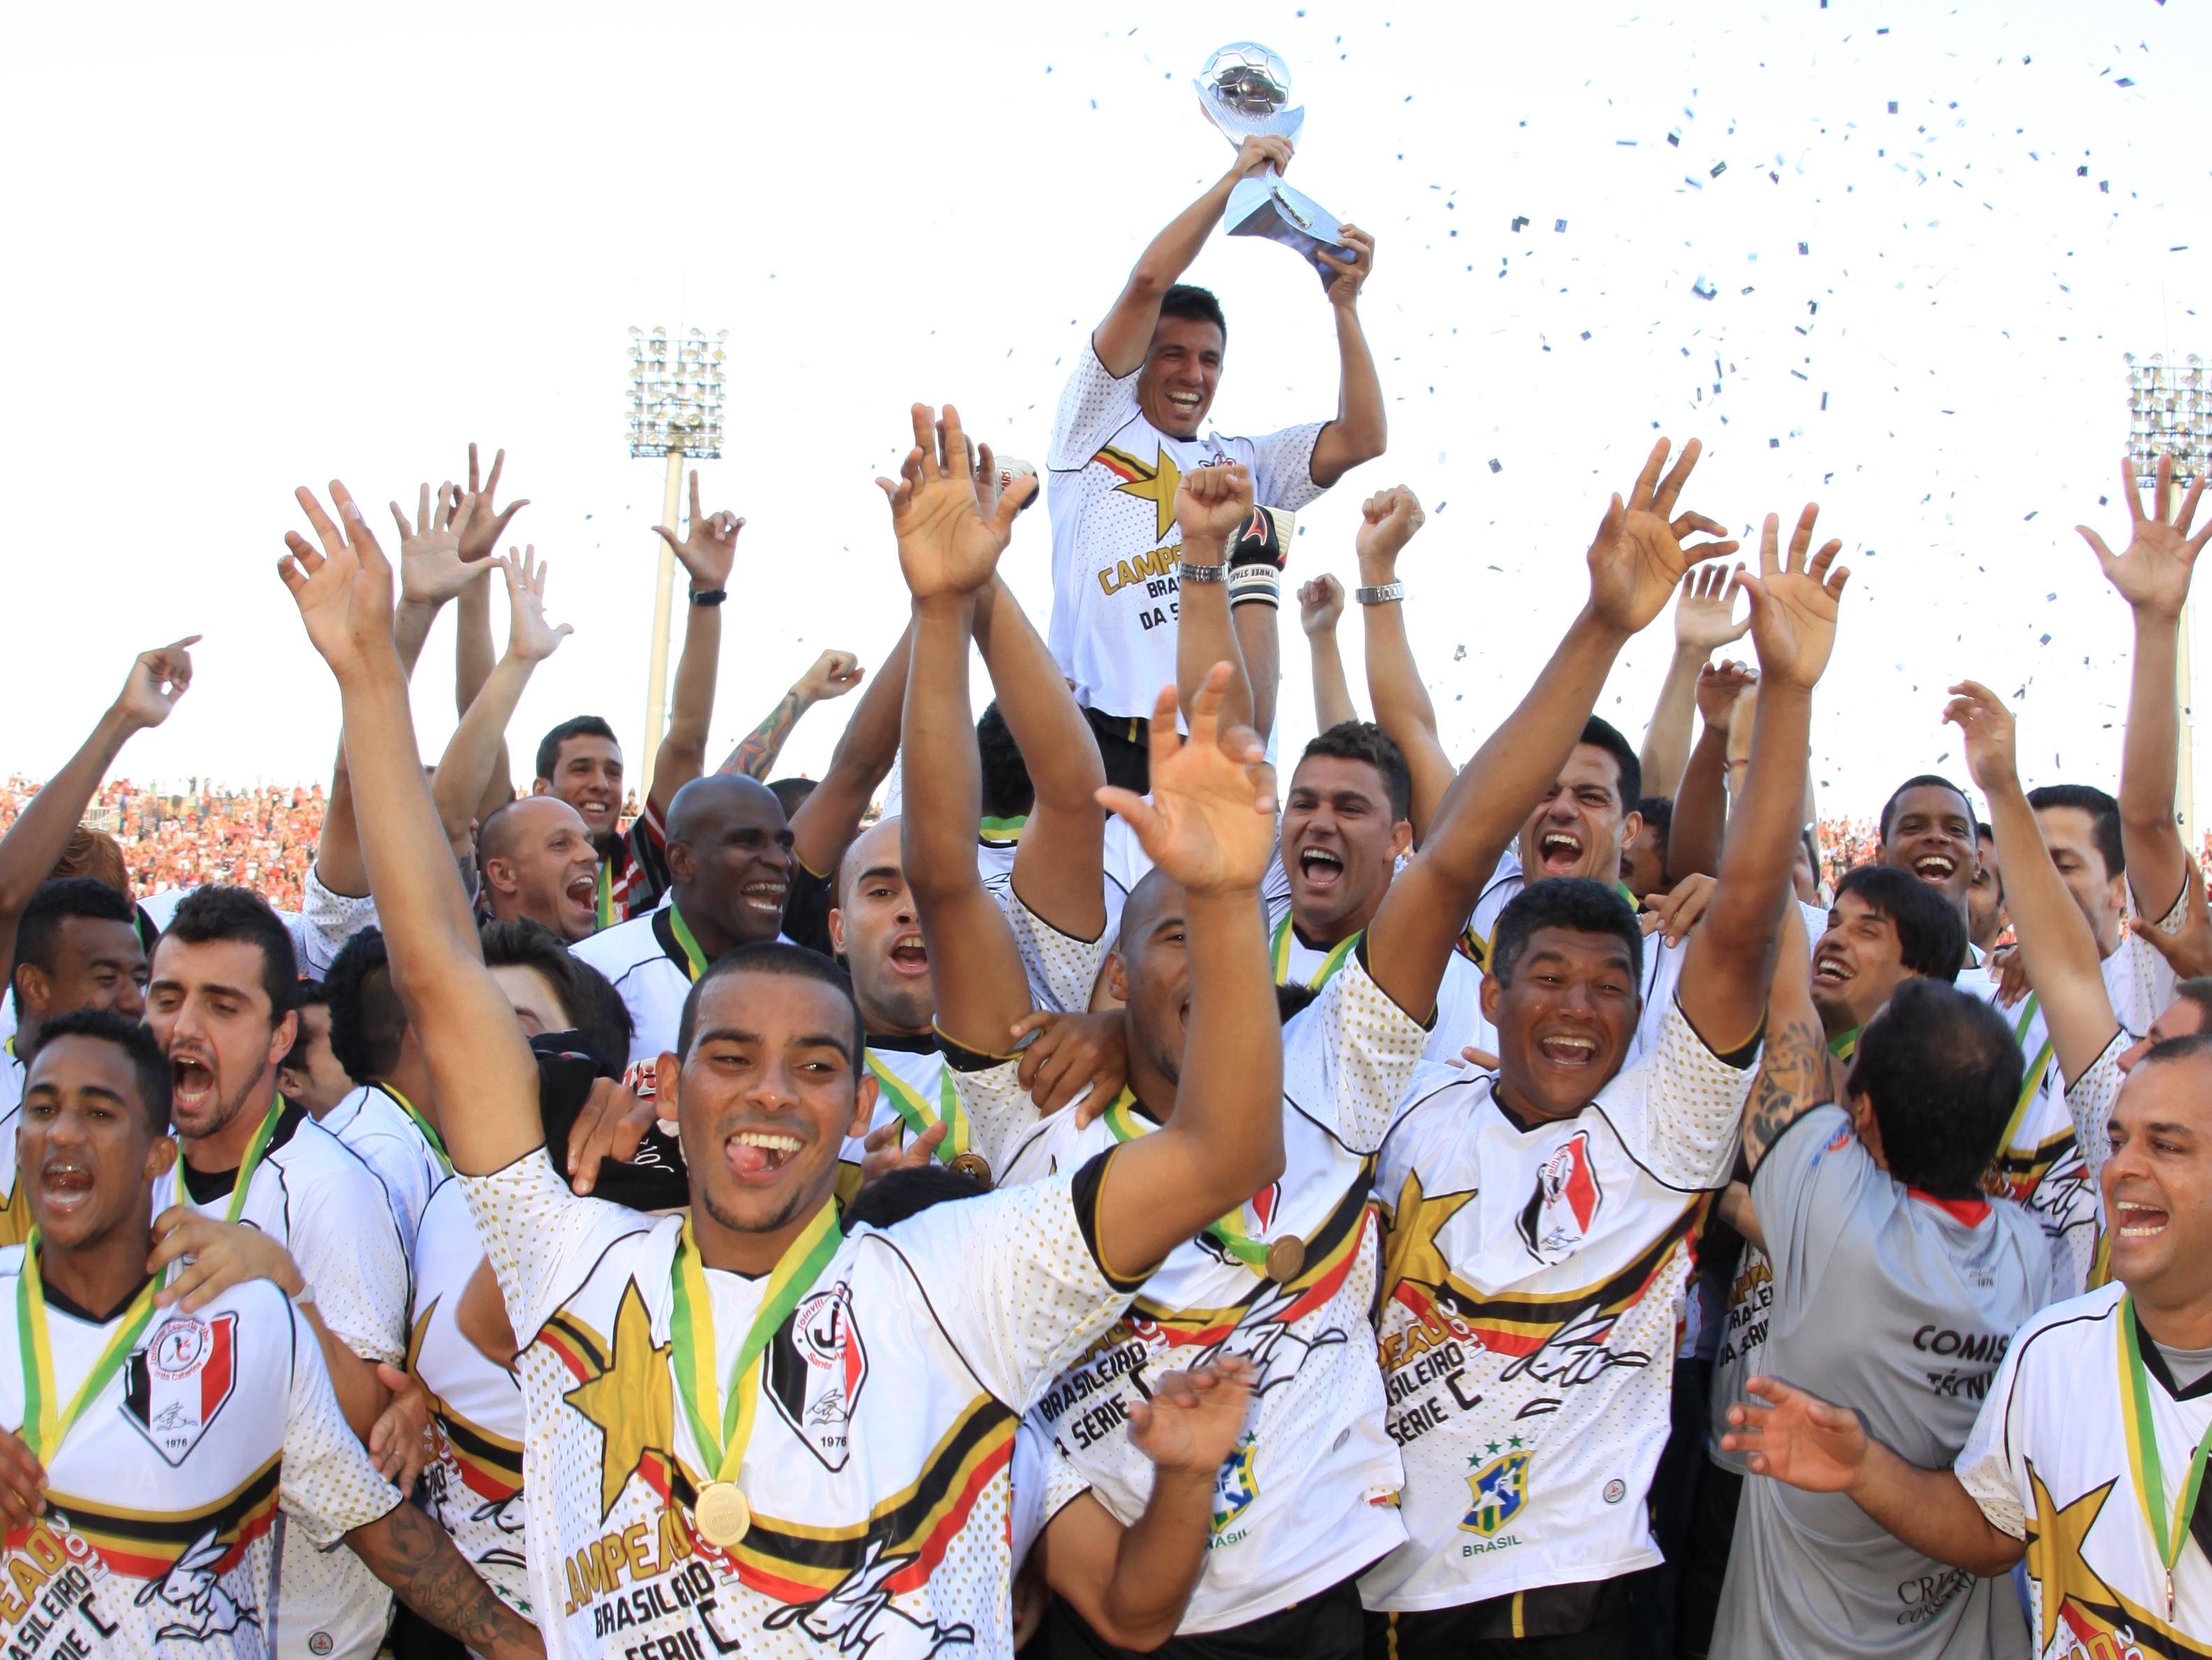 Ricardinho, no alto, na comemoração do título da Série C 2011 - Carlos Junior